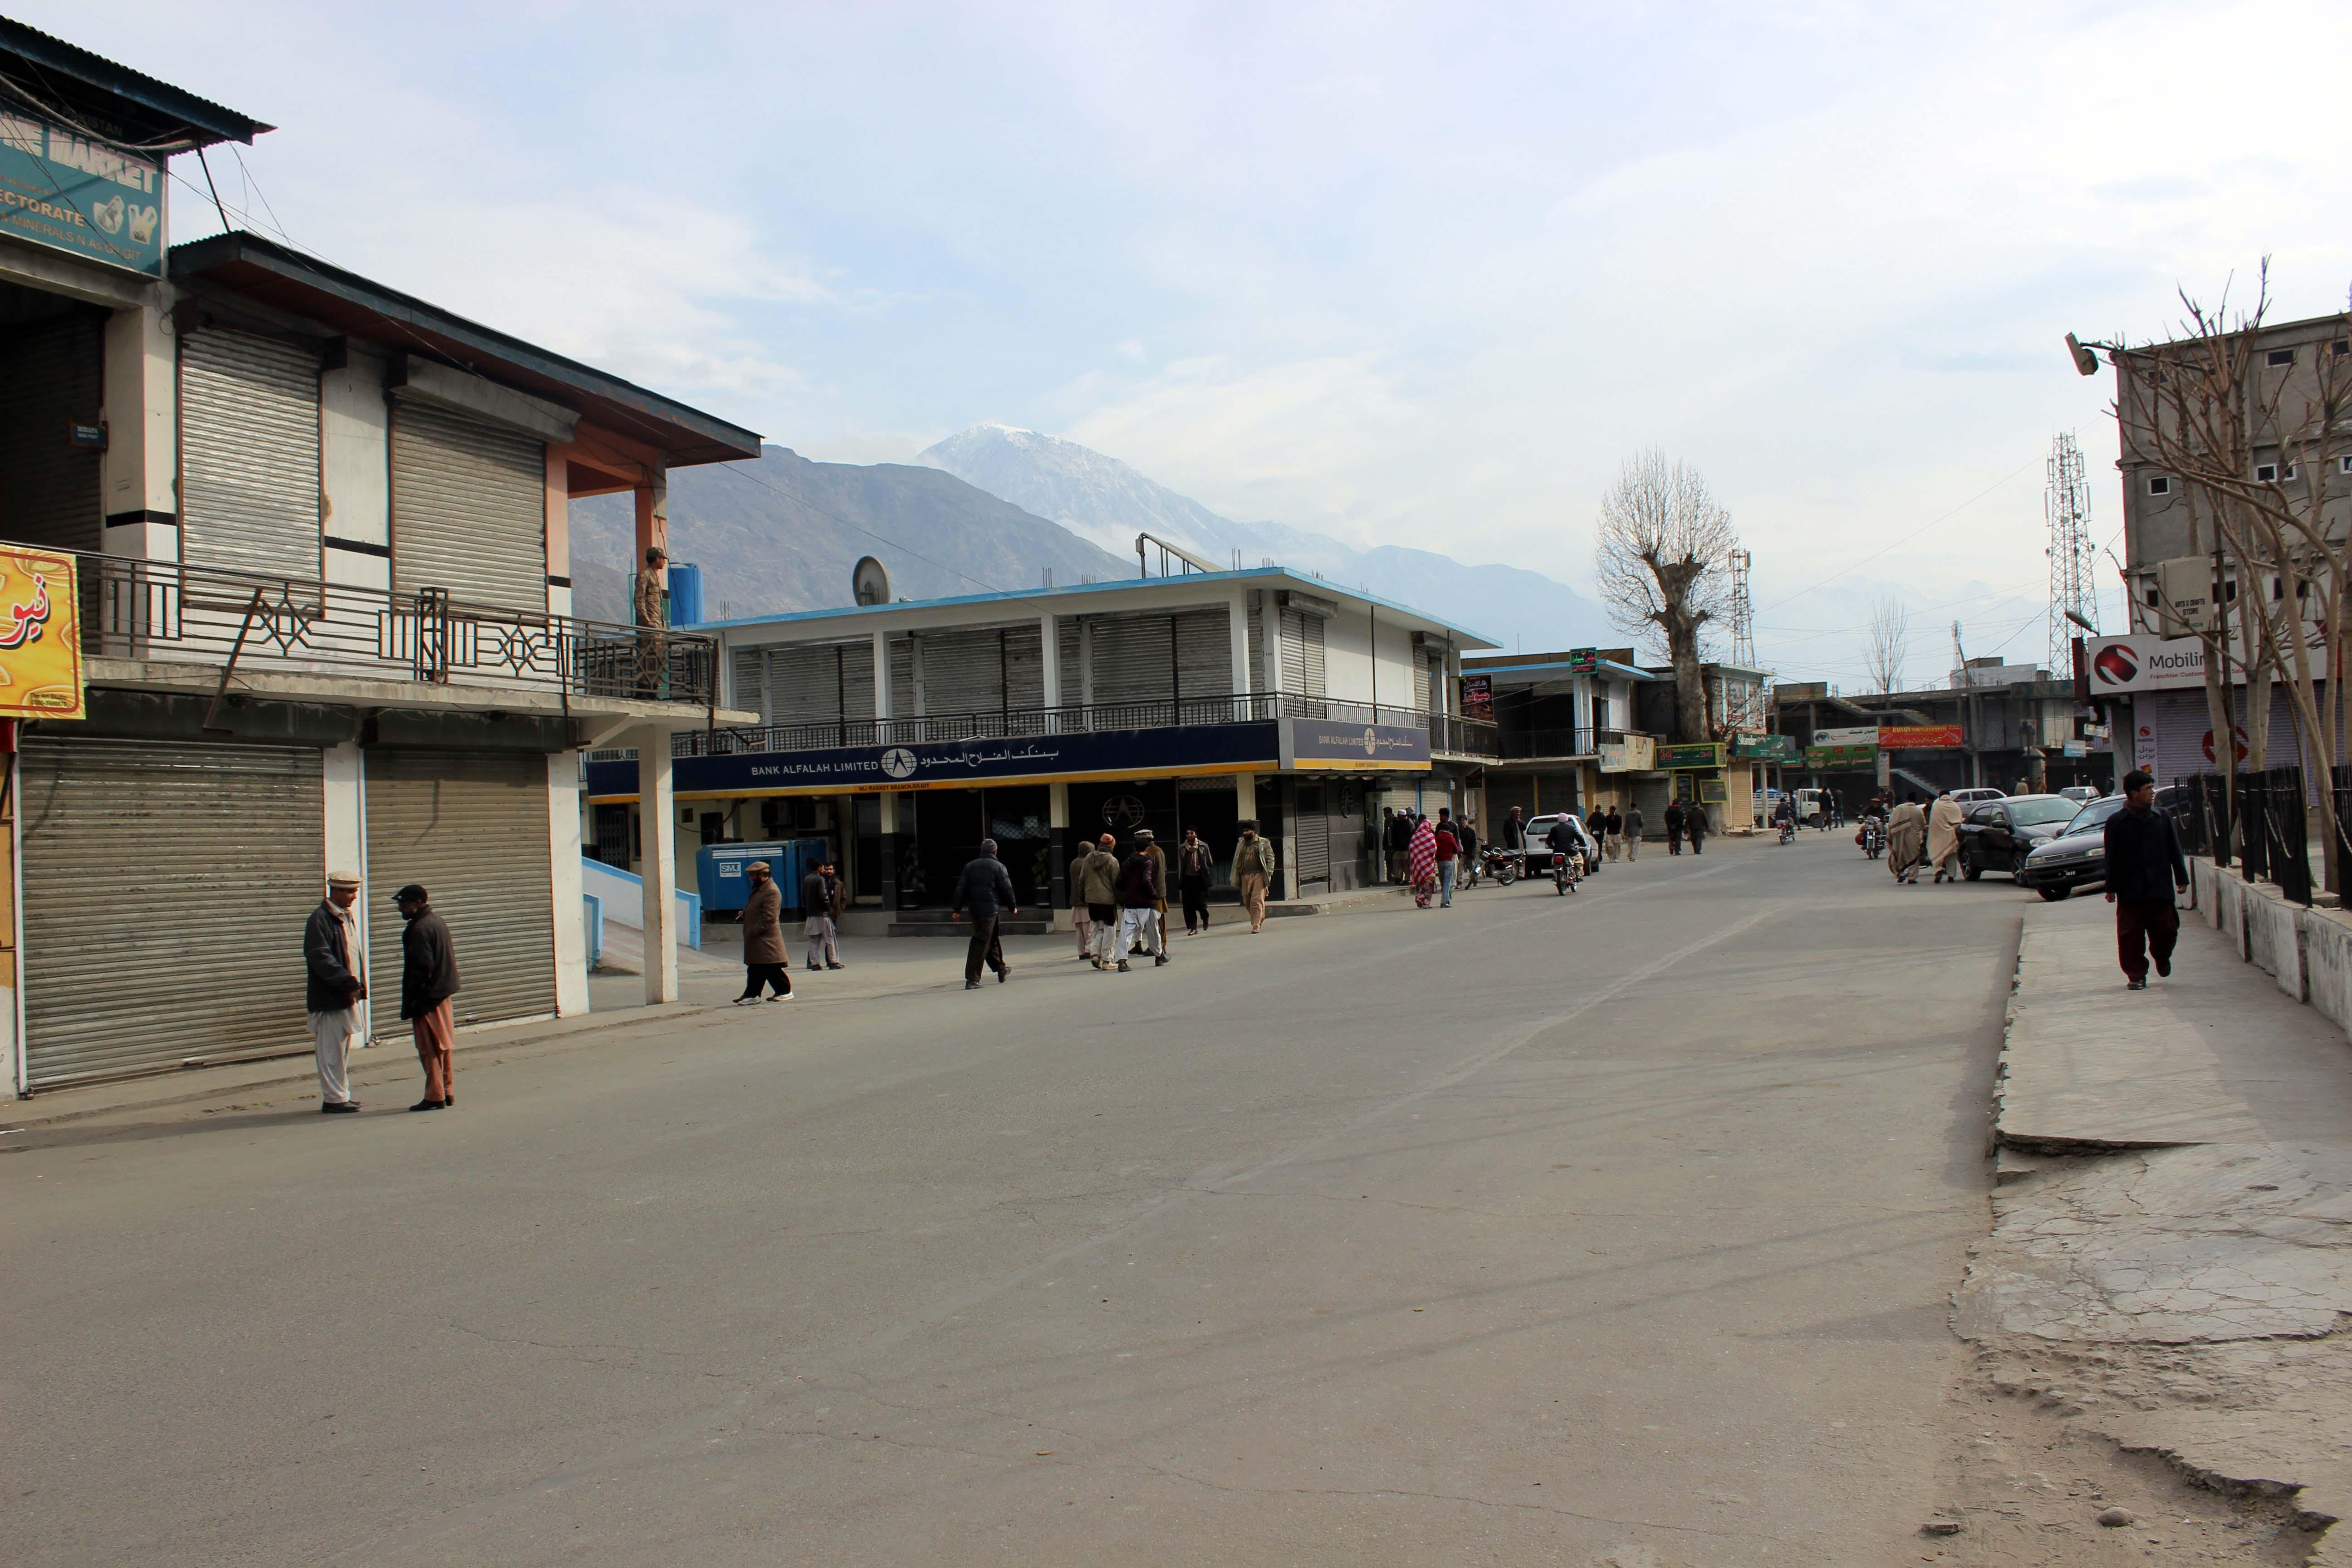 عوامی ایکشن کمیٹی کی کال پر گلگت میں ہڑتال، مارکیٹیں بند رہی